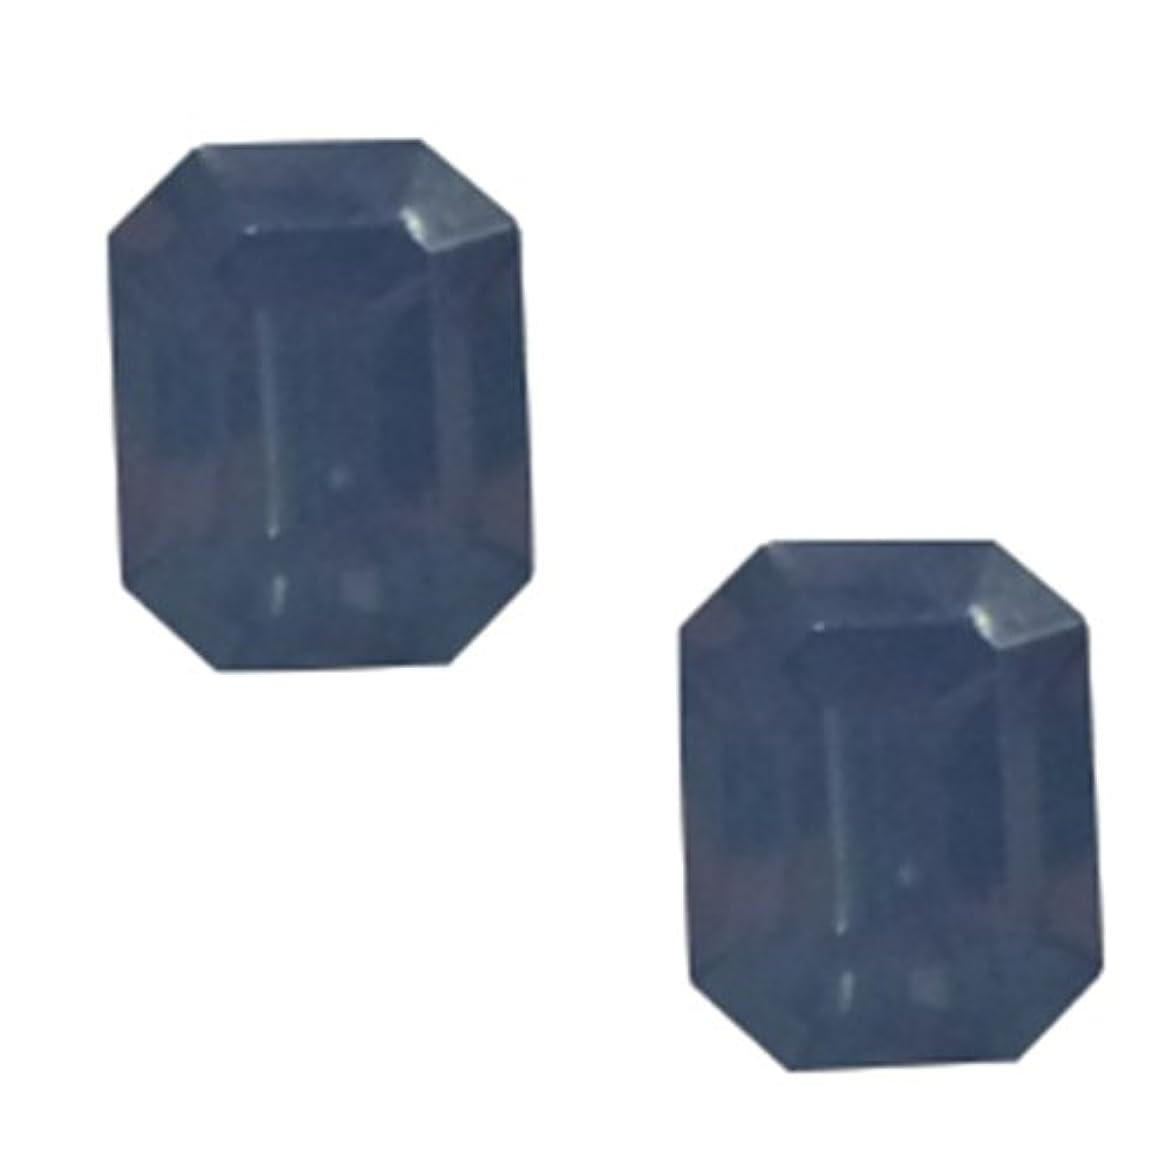 陰気まつげバンドPOSH ART ネイルパーツ長方形型 4*6mm 10P ブルーオパール